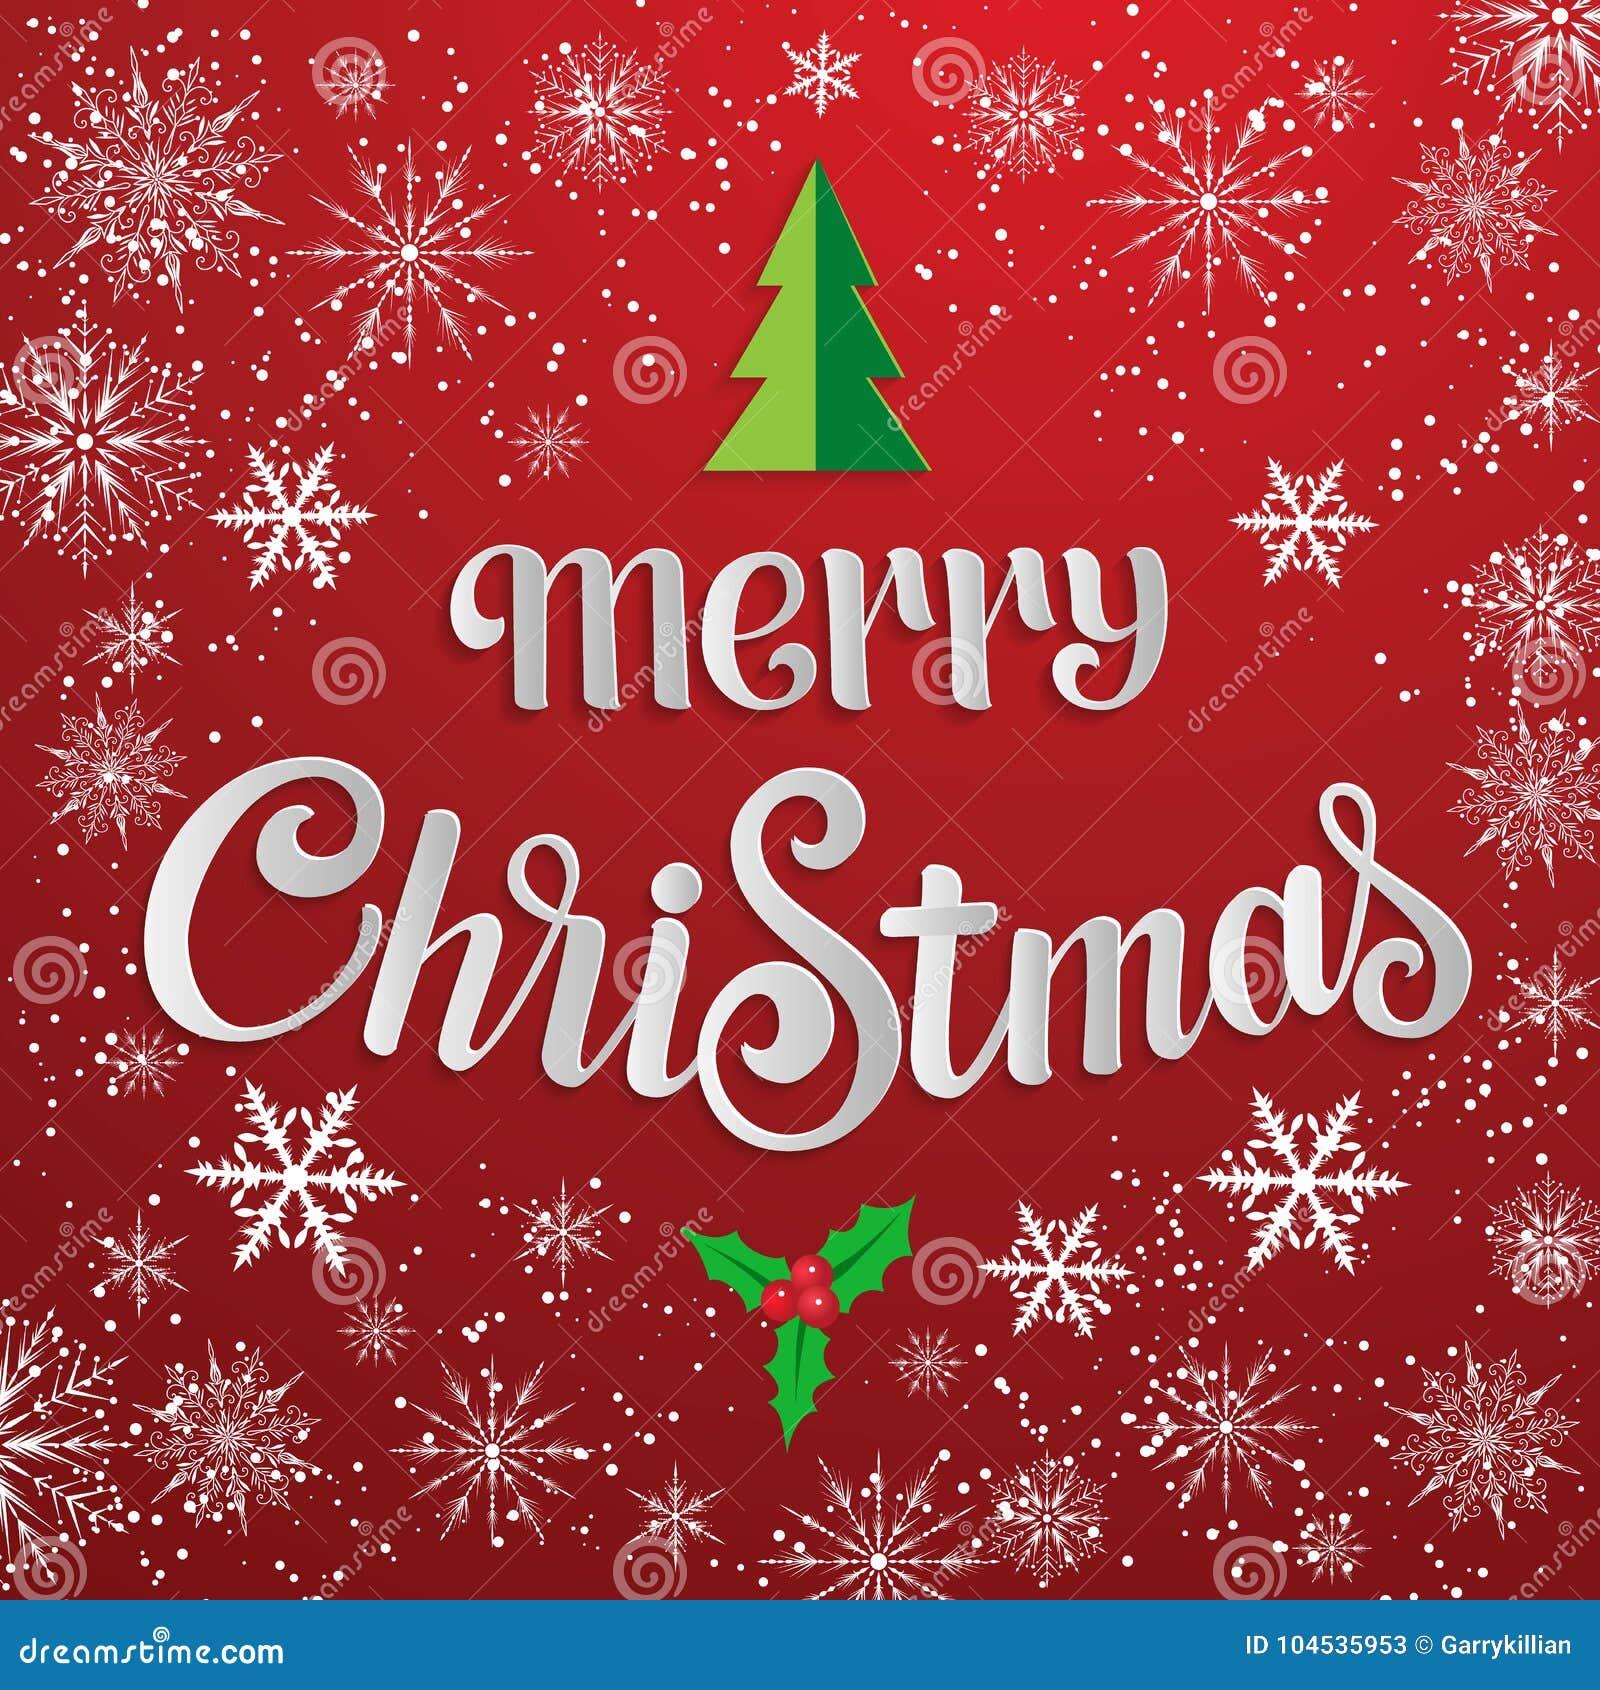 Immagini Con Scritte Di Buon Natale.Iscrizione Disegnata A Mano Buon Natale Calligrafia